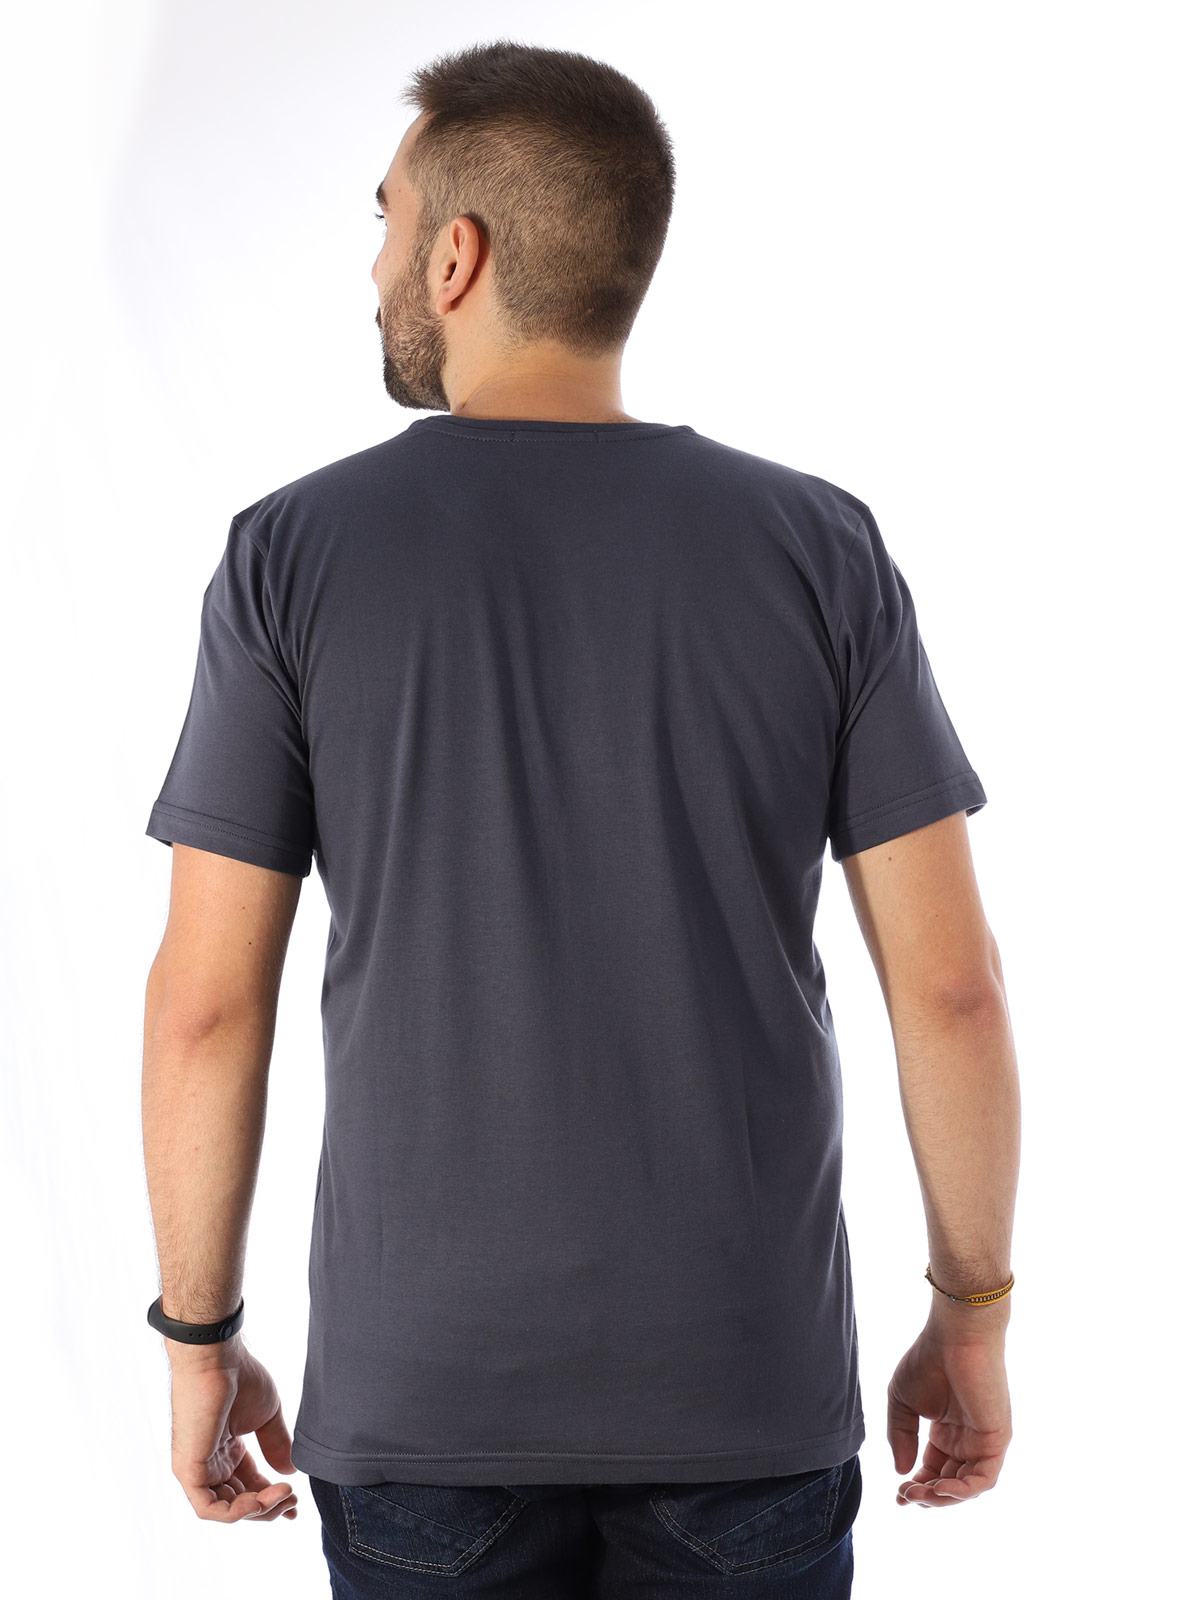 Camiseta Masculina Algodão Básica Estampa Penas Grafite